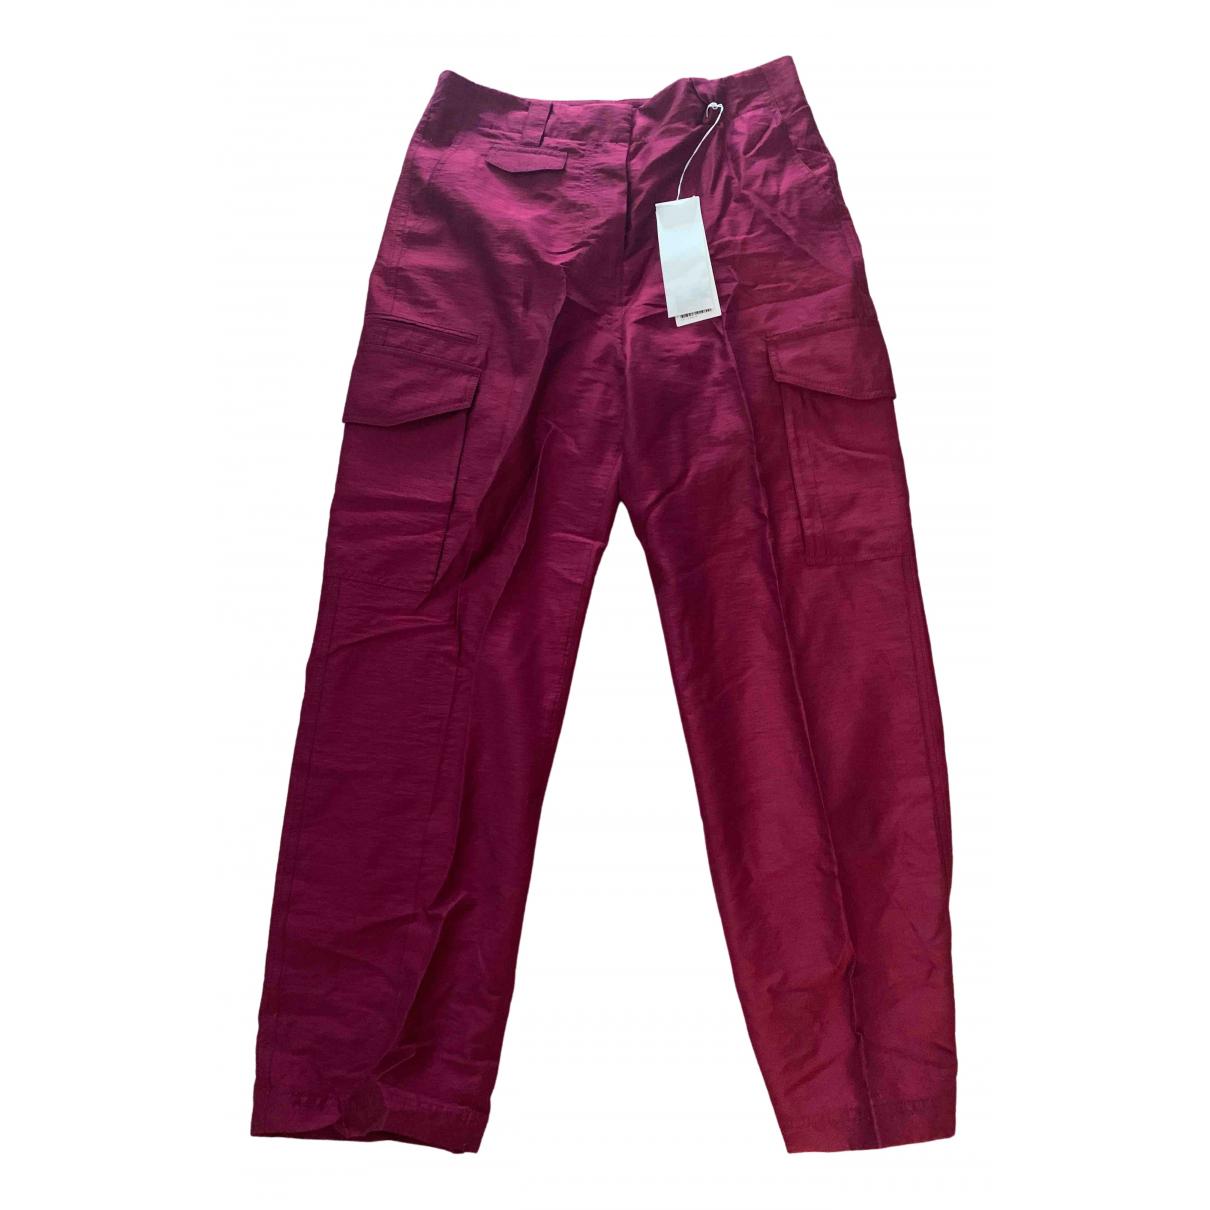 Arket N Burgundy Trousers for Women 14 UK